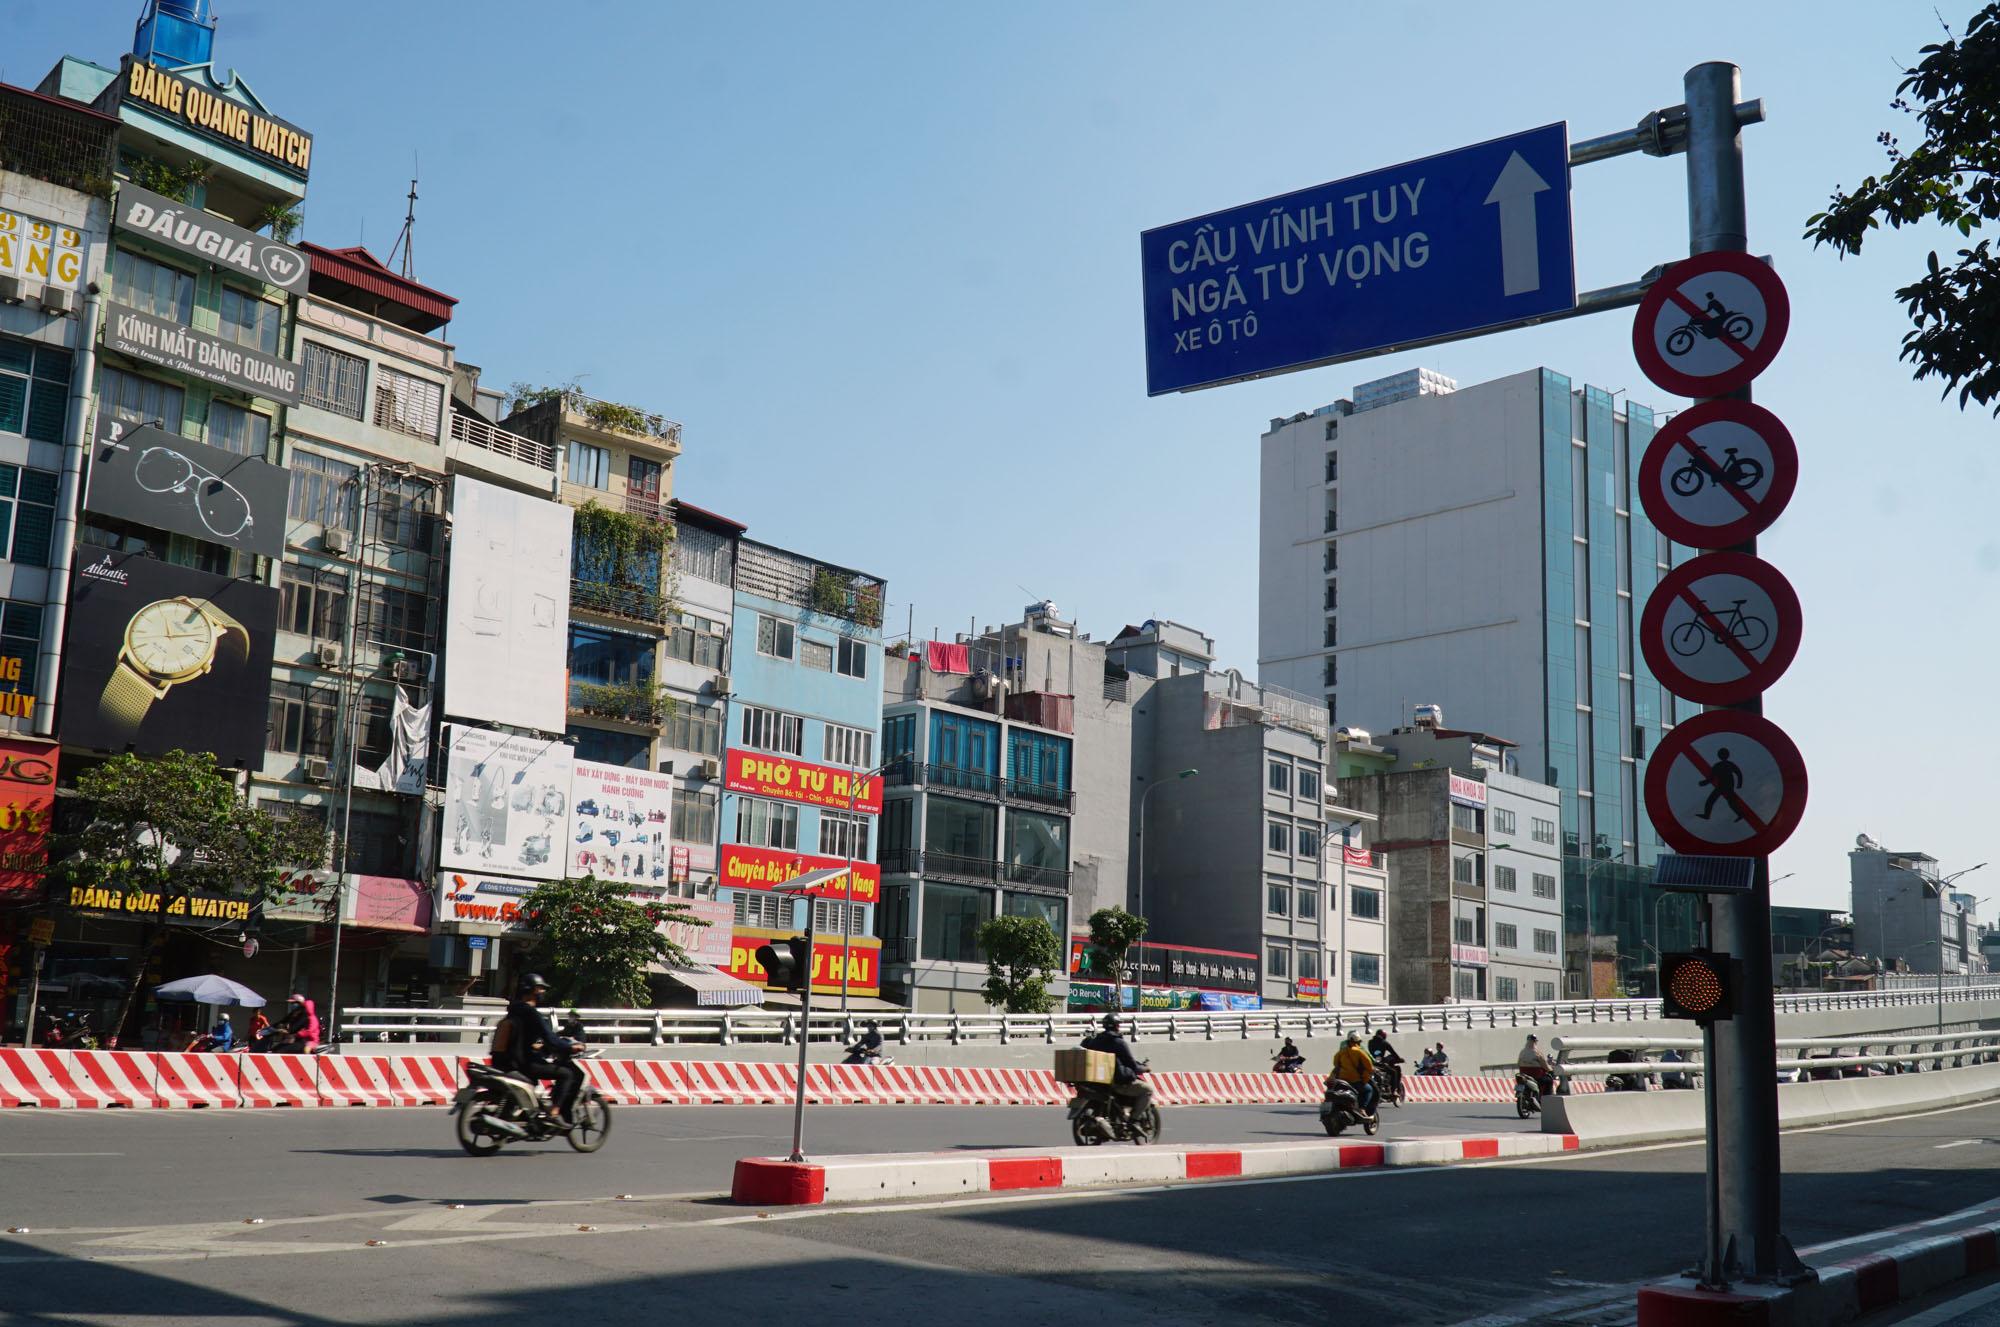 Đề xuất đưa dự án của Vingroup vào nhóm công trình giao thông trọng điểm của Hà Nội - Ảnh 1.